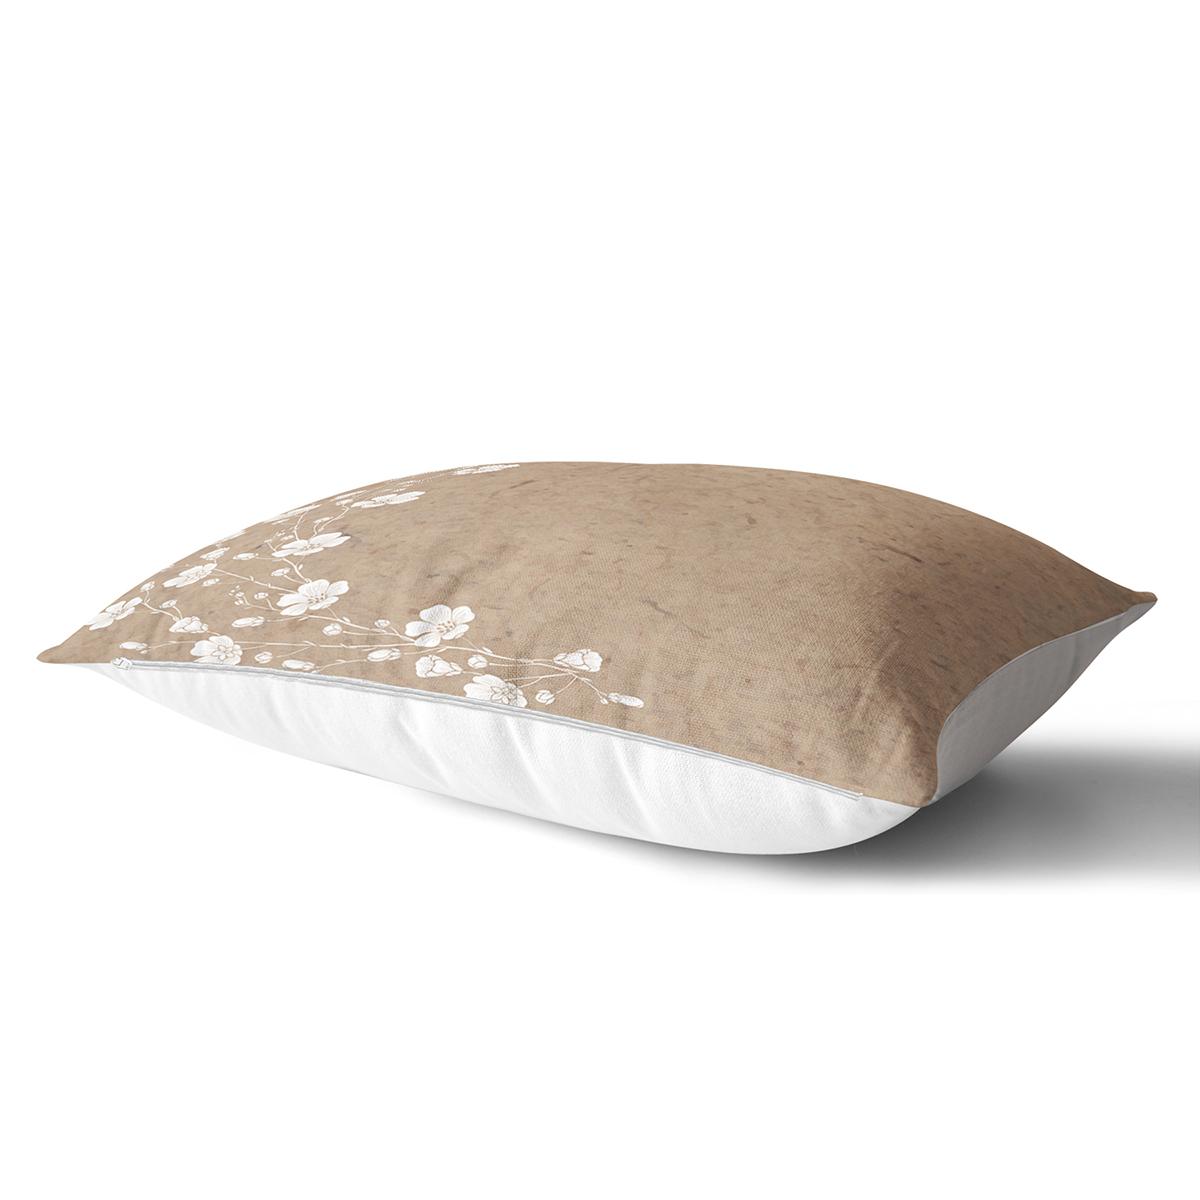 Pastel Zeminli Beyaz Yaprak Desenli Dijital Baskılı Modern Dikdörtgen Yastık Kırlent Kılıfı Realhomes